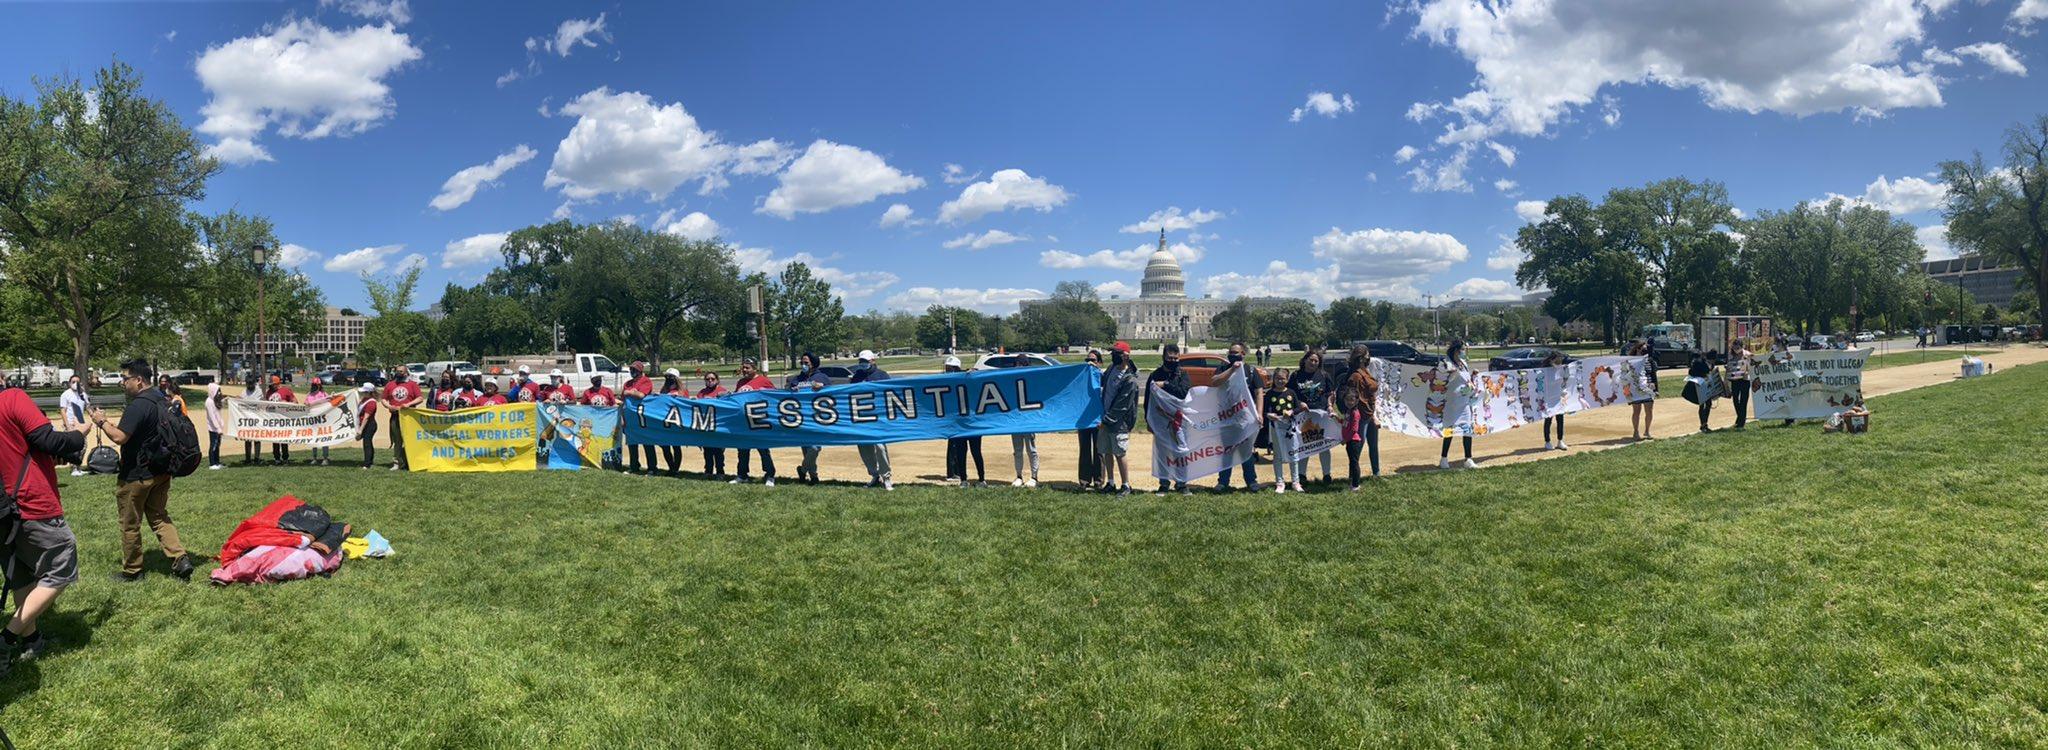 Trabajadores esenciales protestan en Washington DC. | Foto: Twitter de @soyrsand.